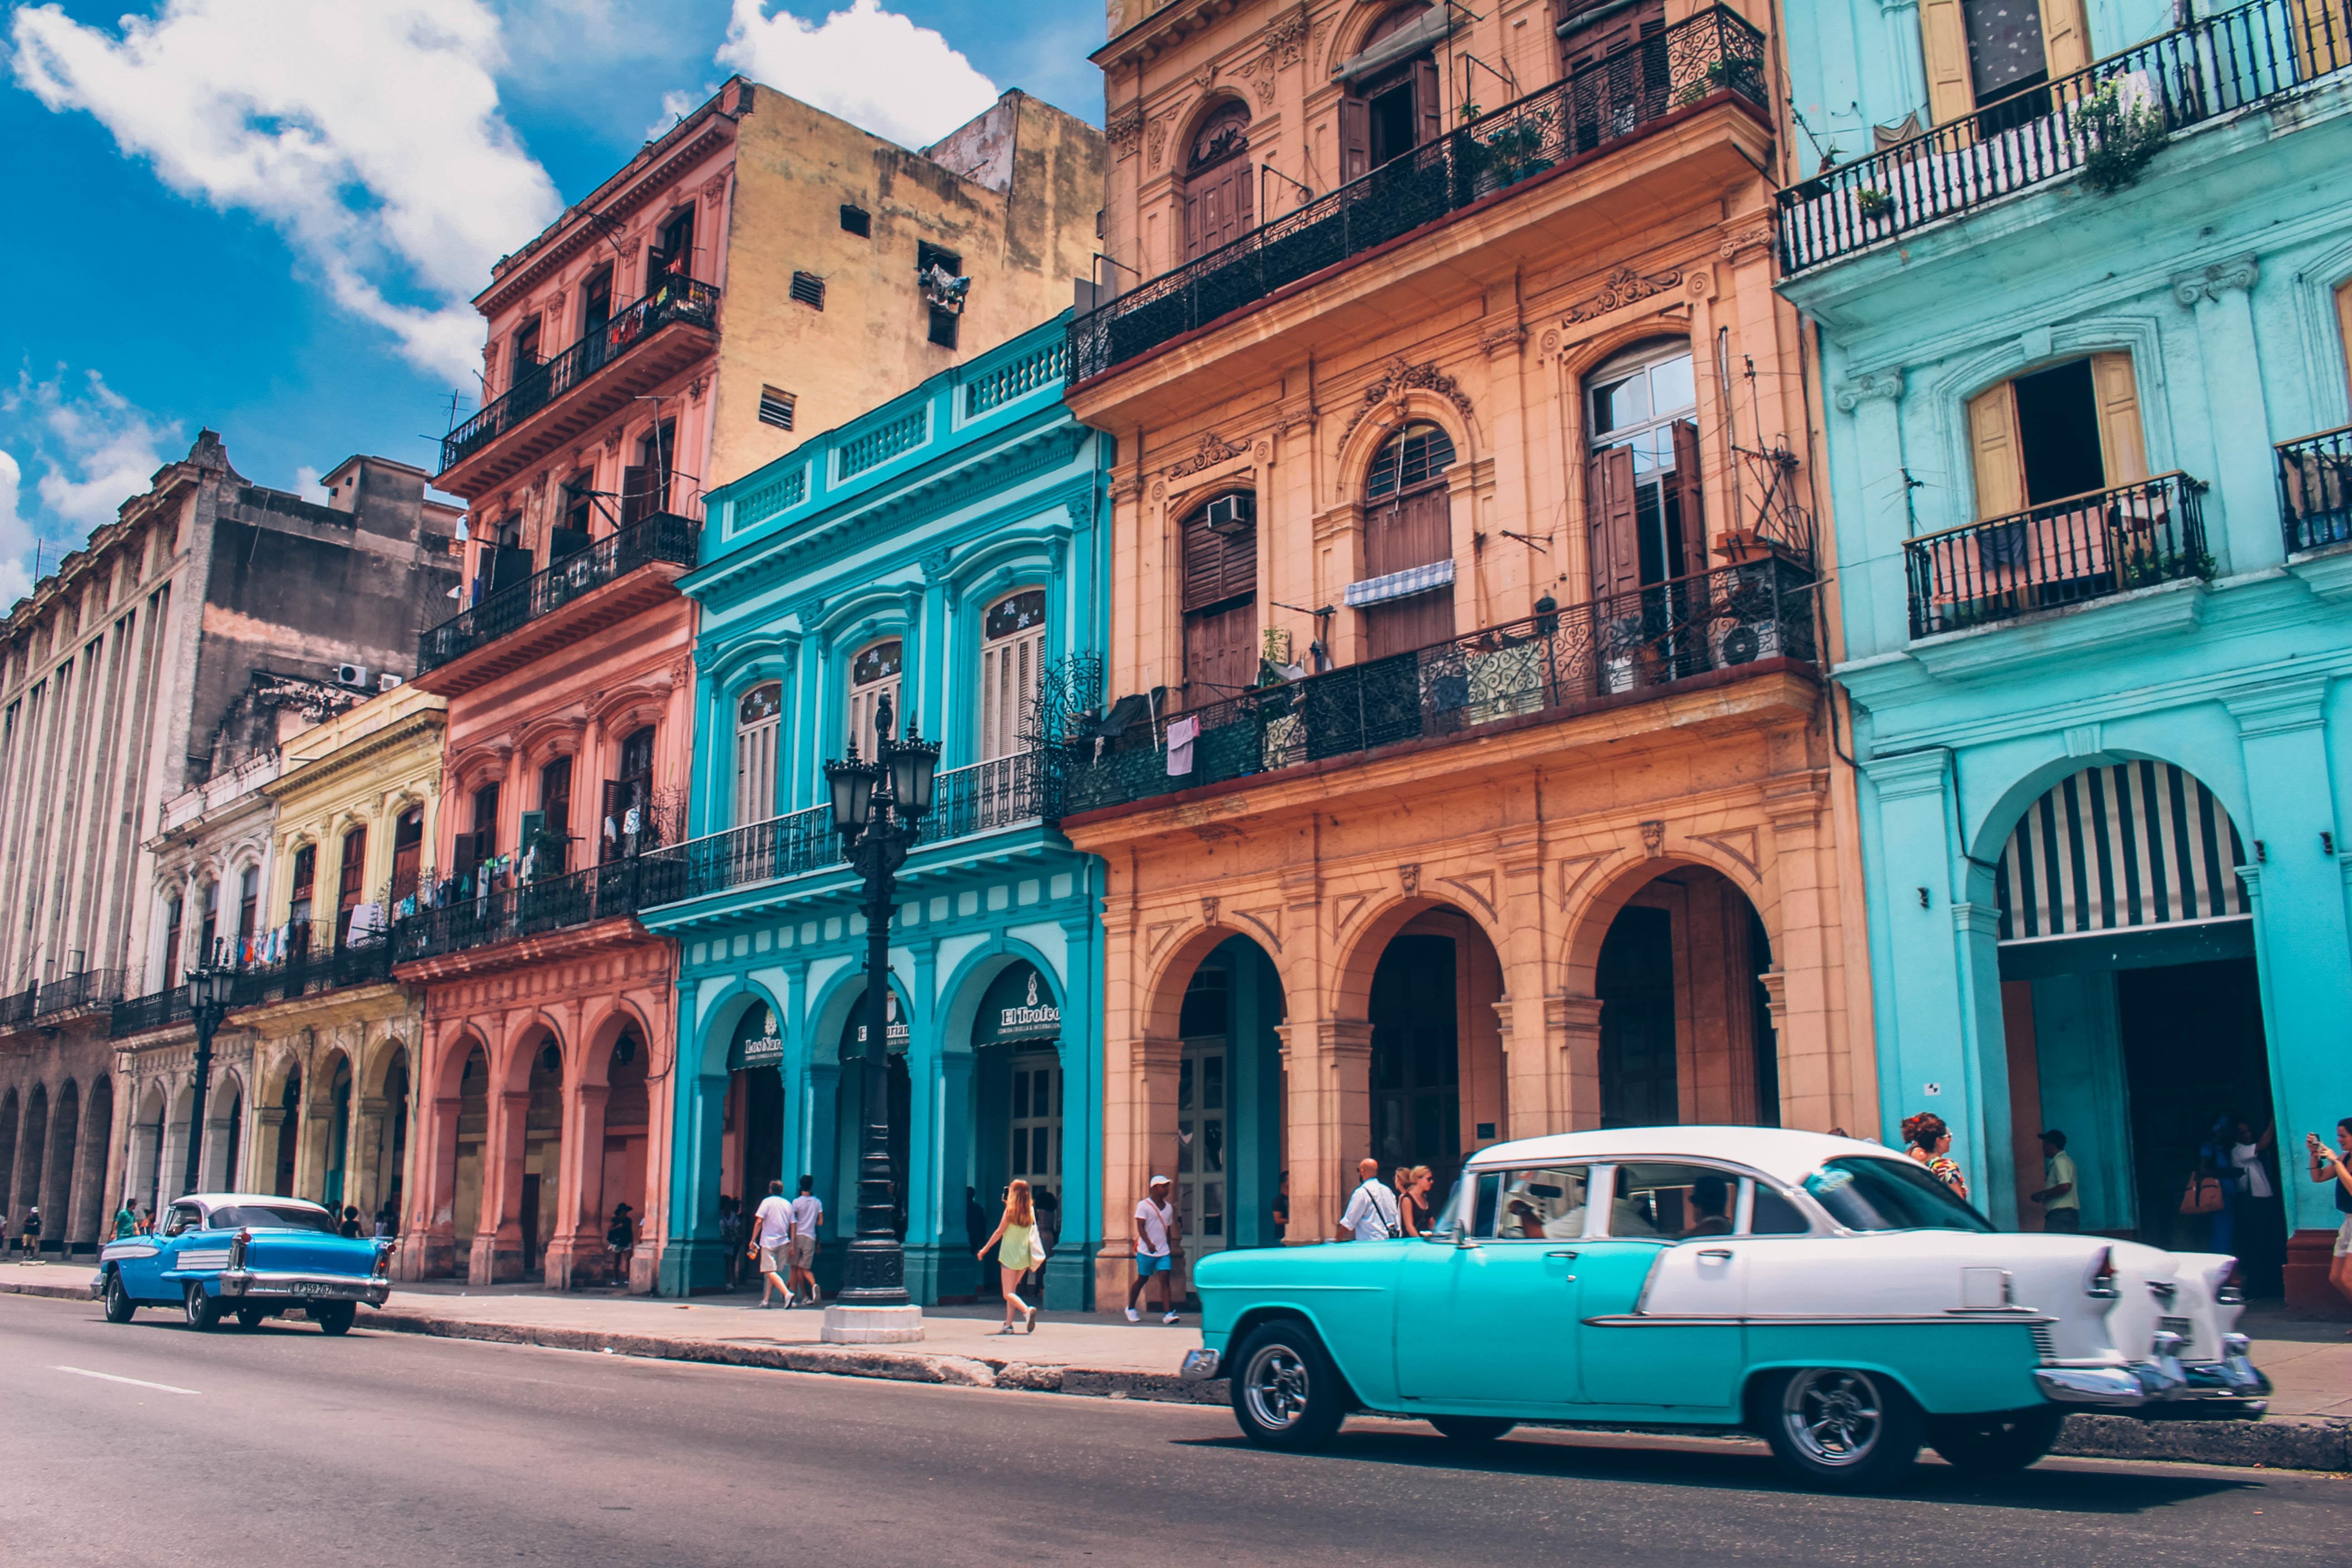 ontdek Cuba en de oldtimer auto's